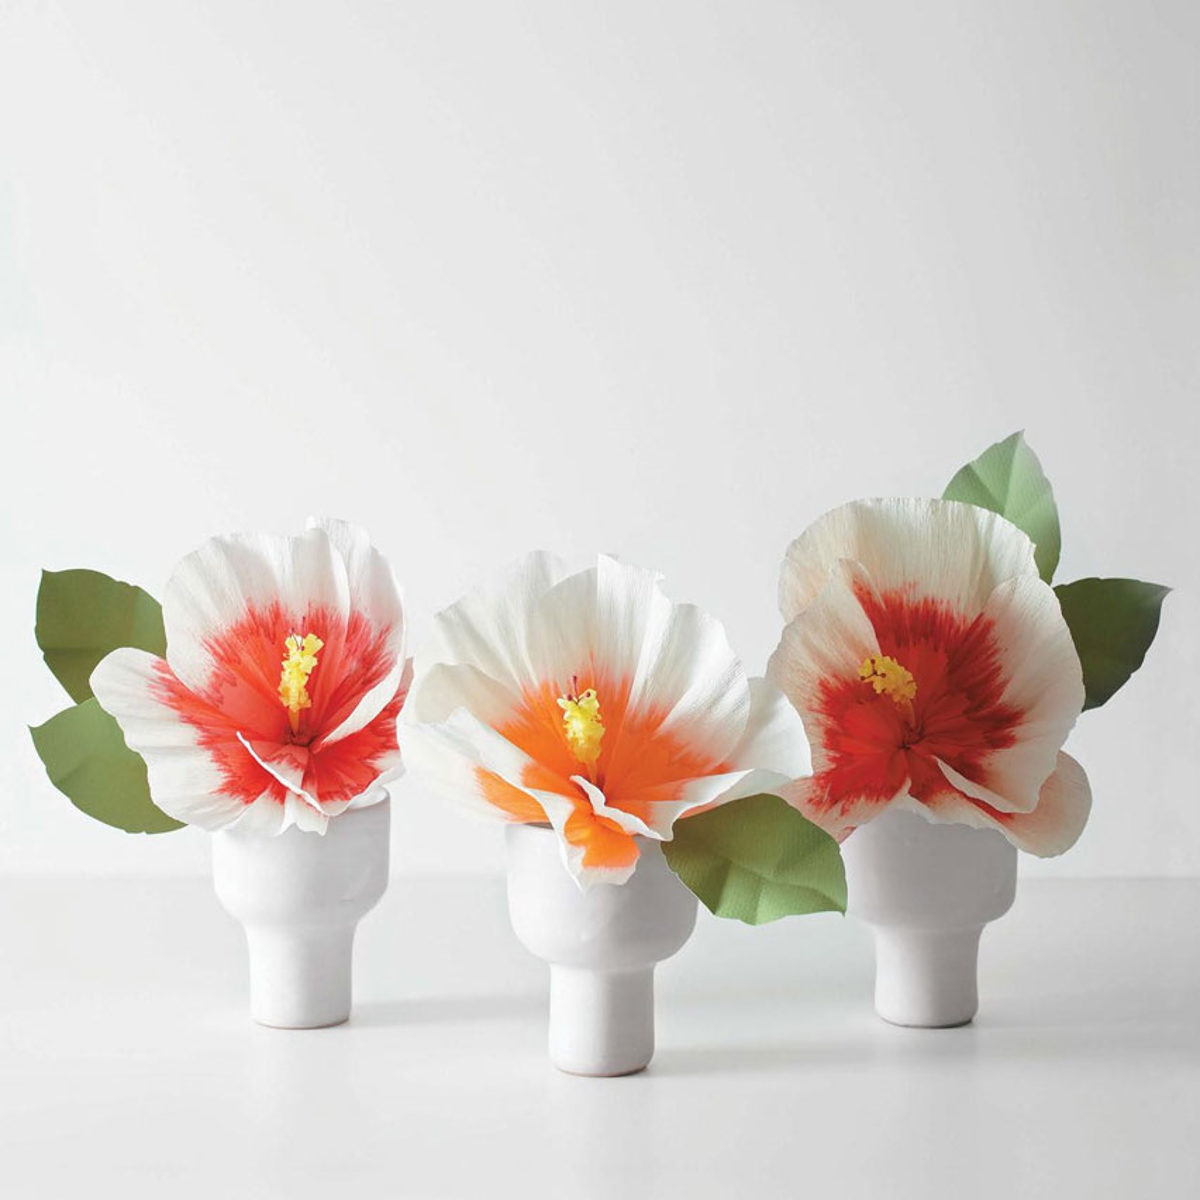 Comment Créer Des Fleurs En Papier Plus Vraies Que Nature ? tout Realisation Papier Crepon